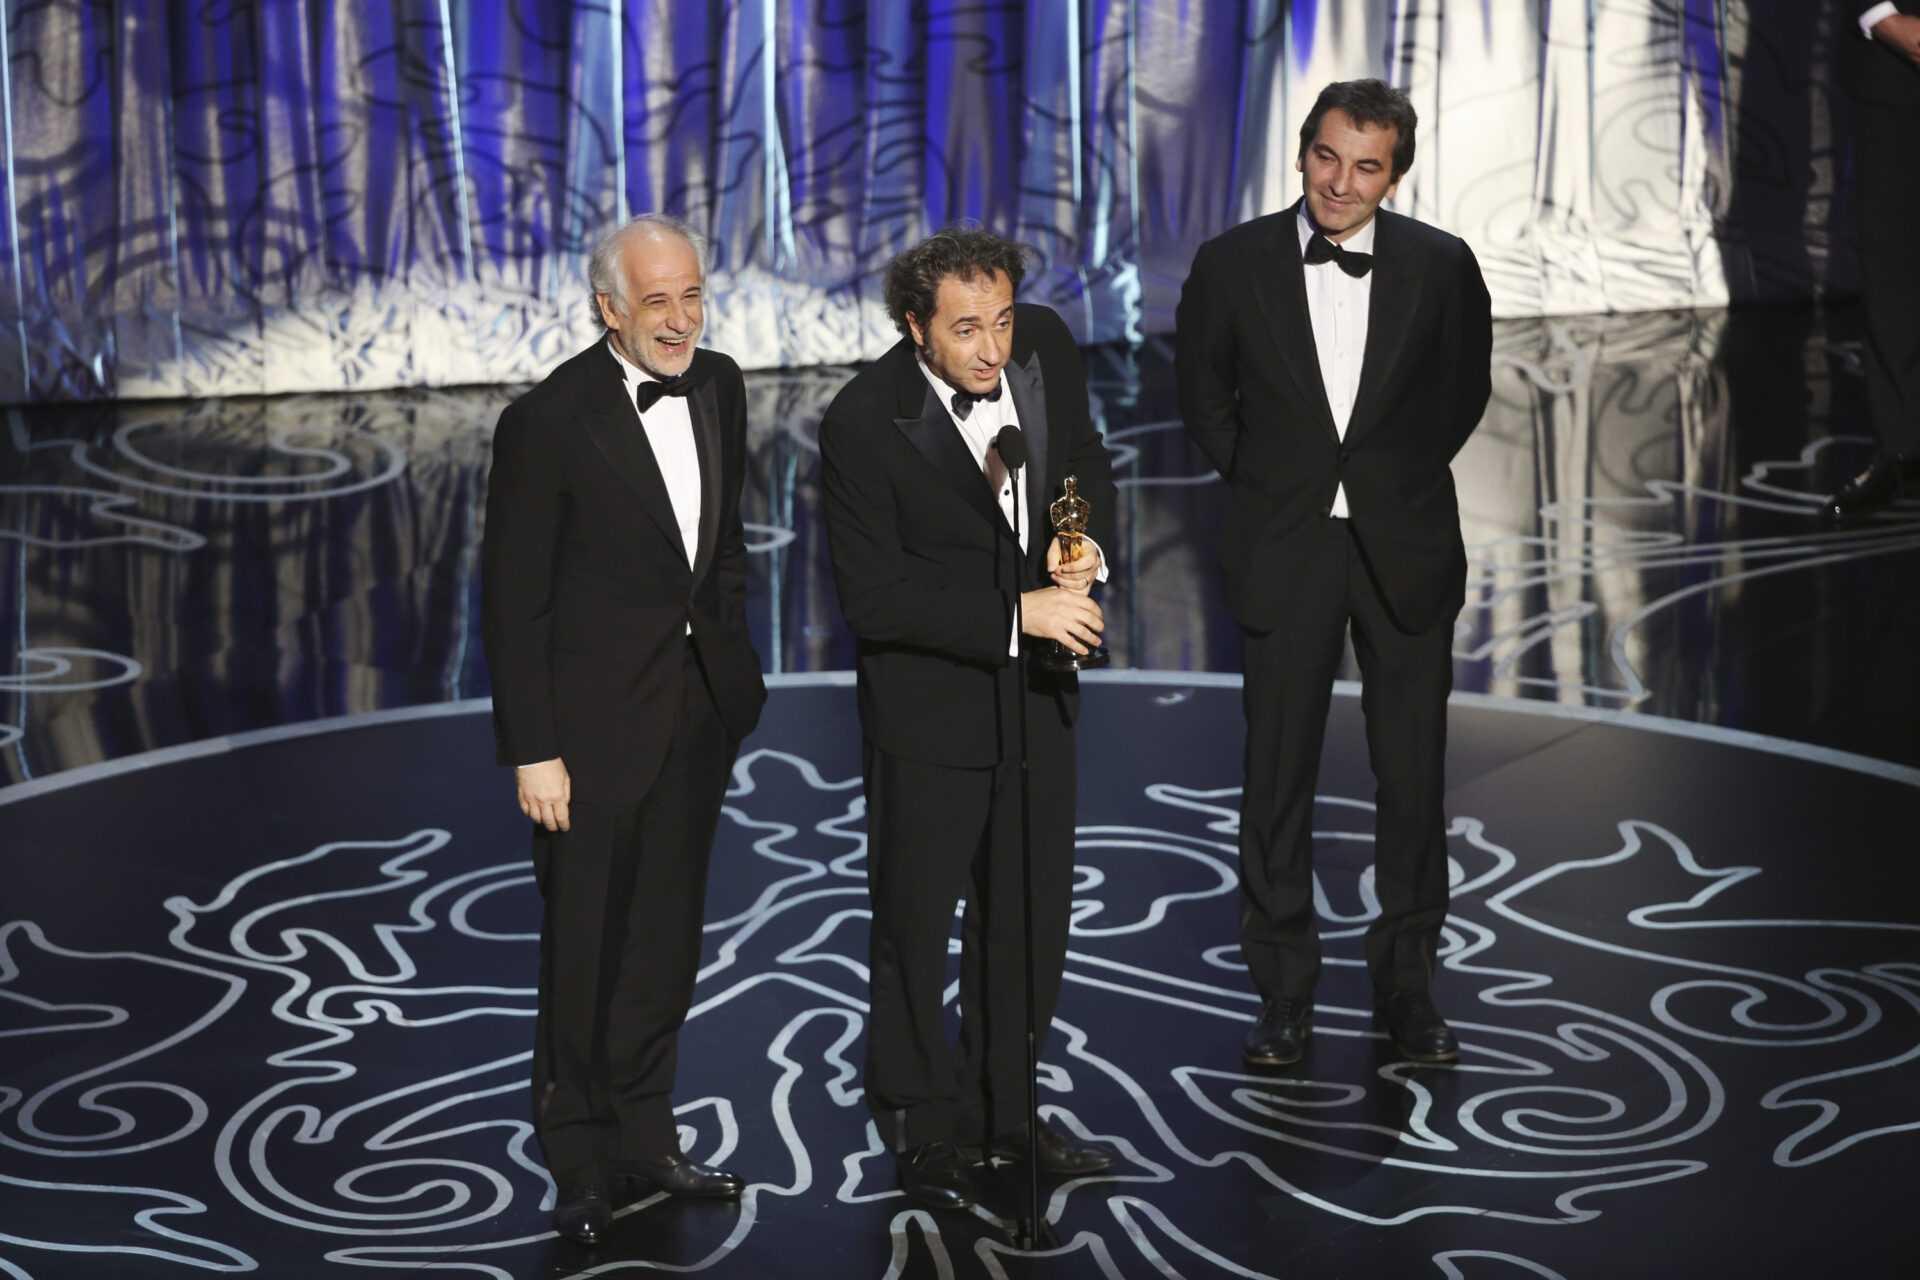 Su Cielo il meglio de La notte degli Oscar 2014 | Digitale terrestre: Dtti.it